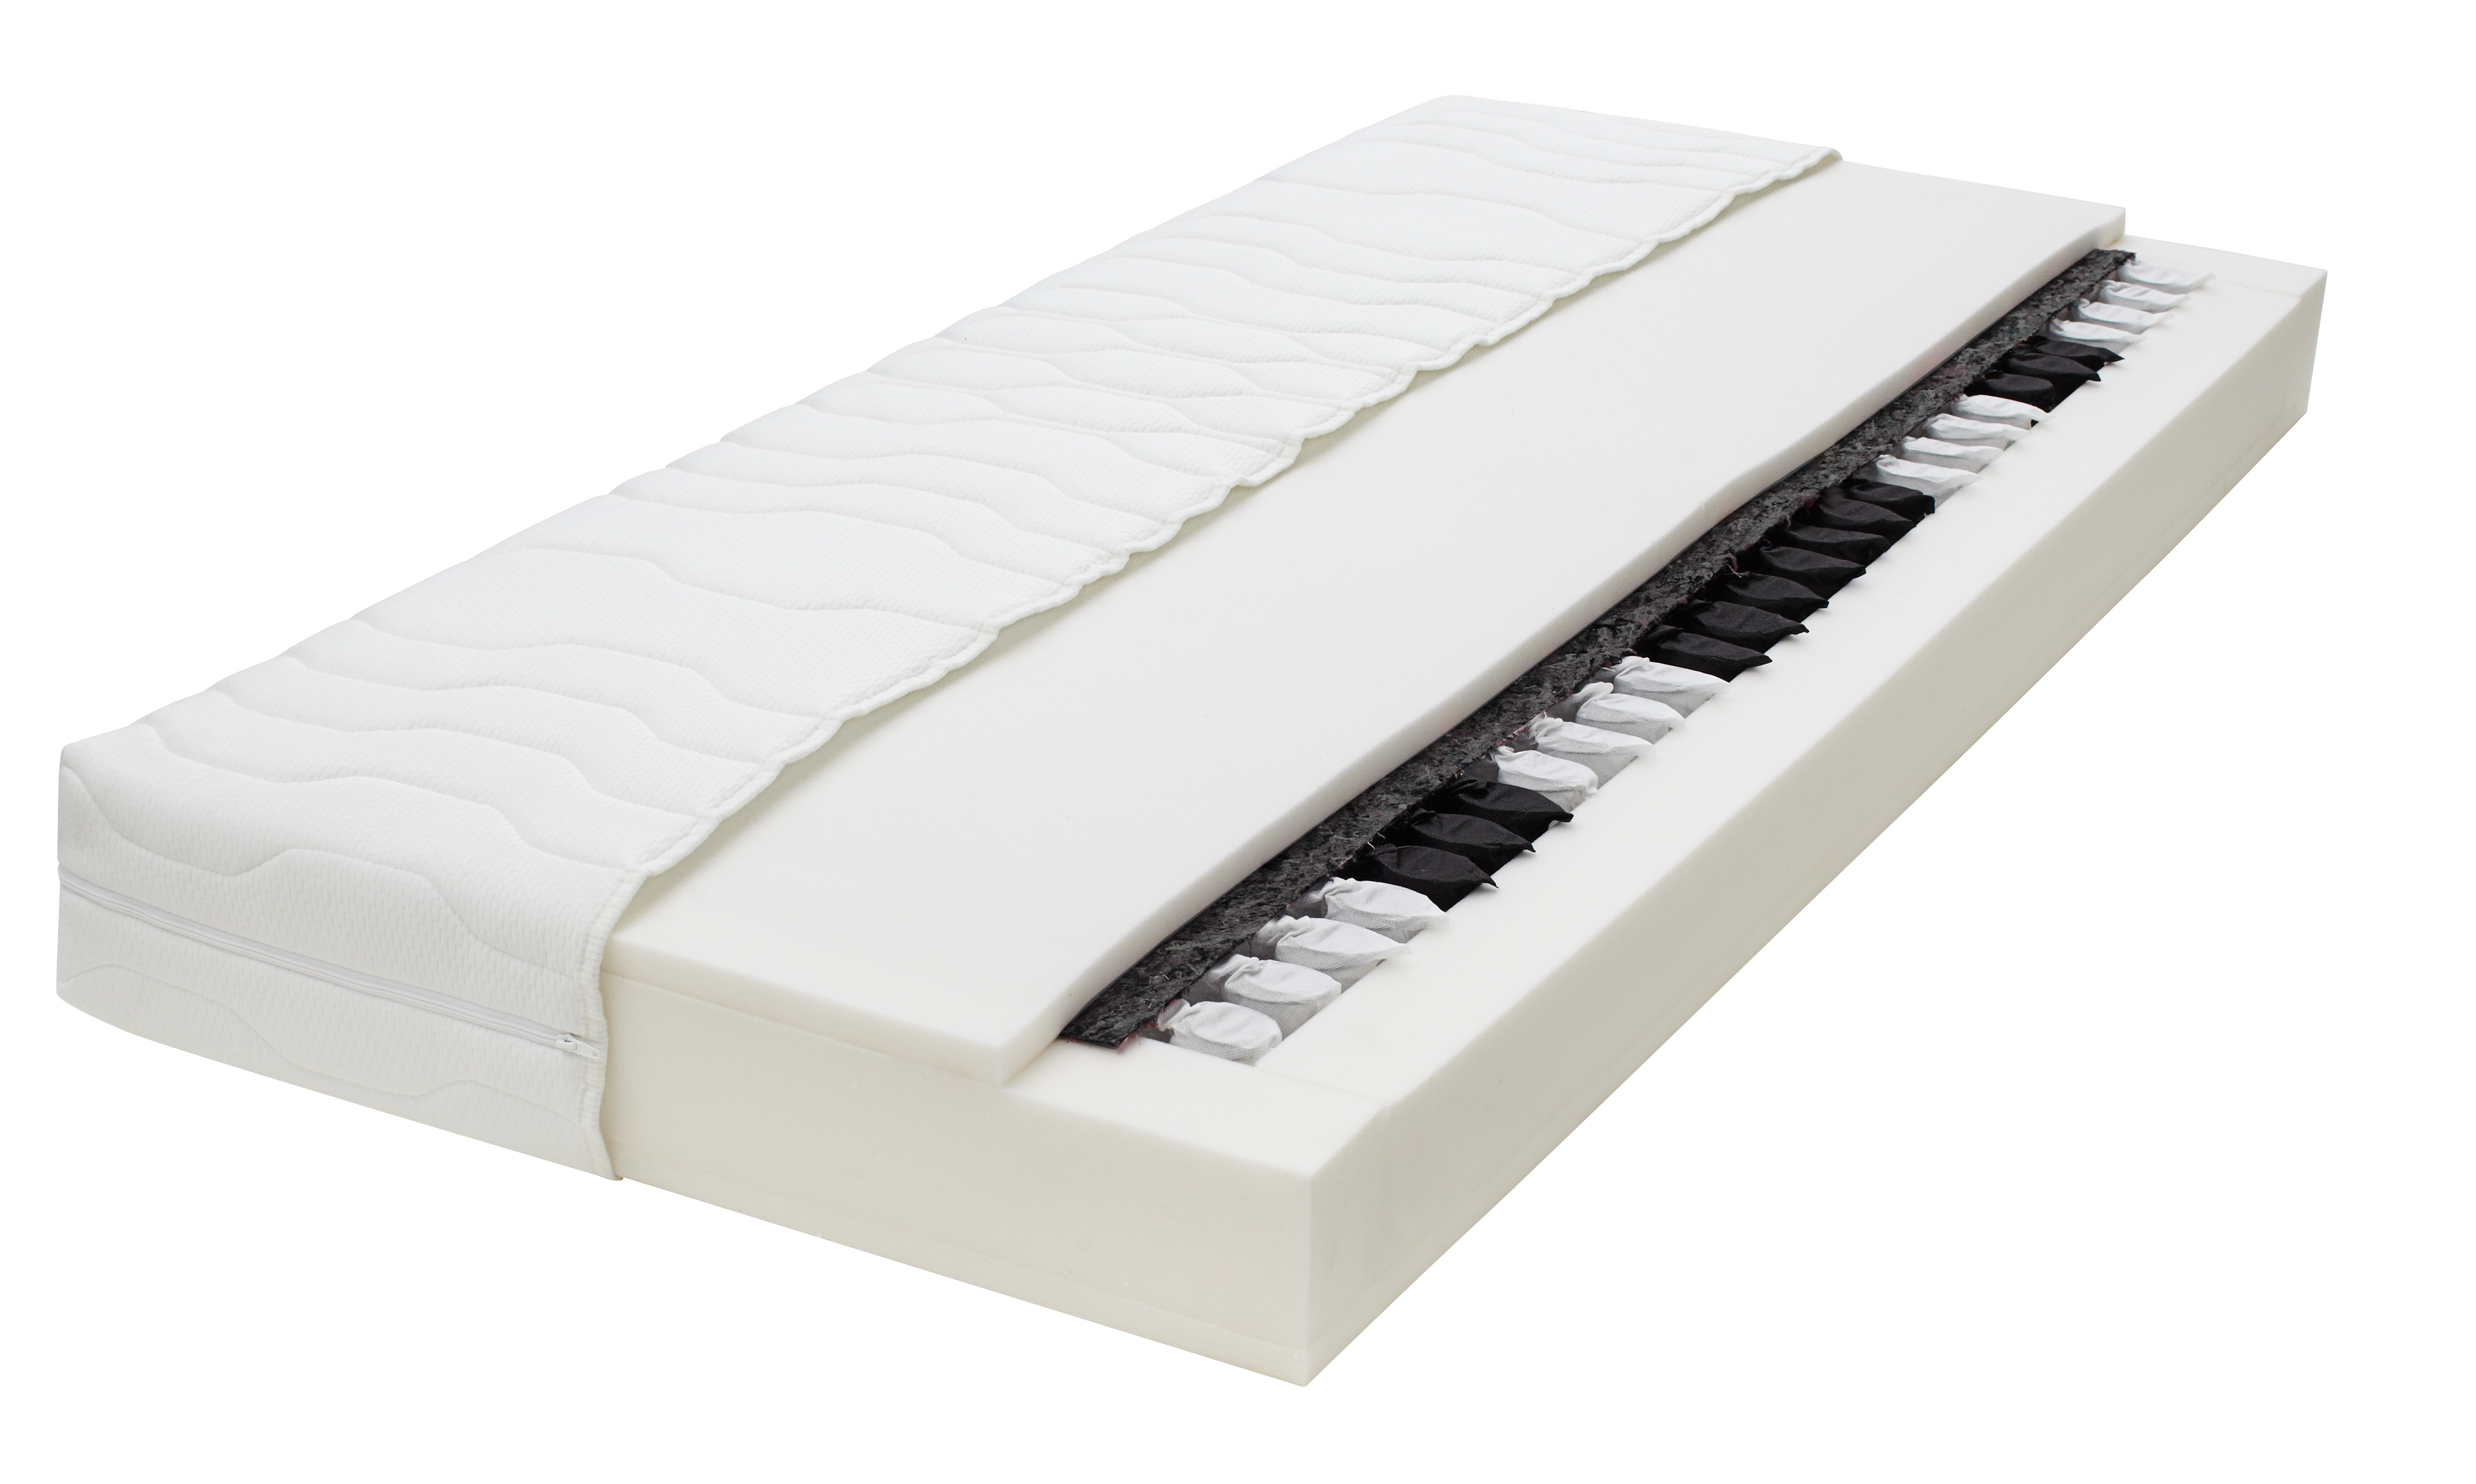 20 cm dicke top 7 zonen taschenfederkern matratze h2 90x200 cm oder 140x200 cm. Black Bedroom Furniture Sets. Home Design Ideas